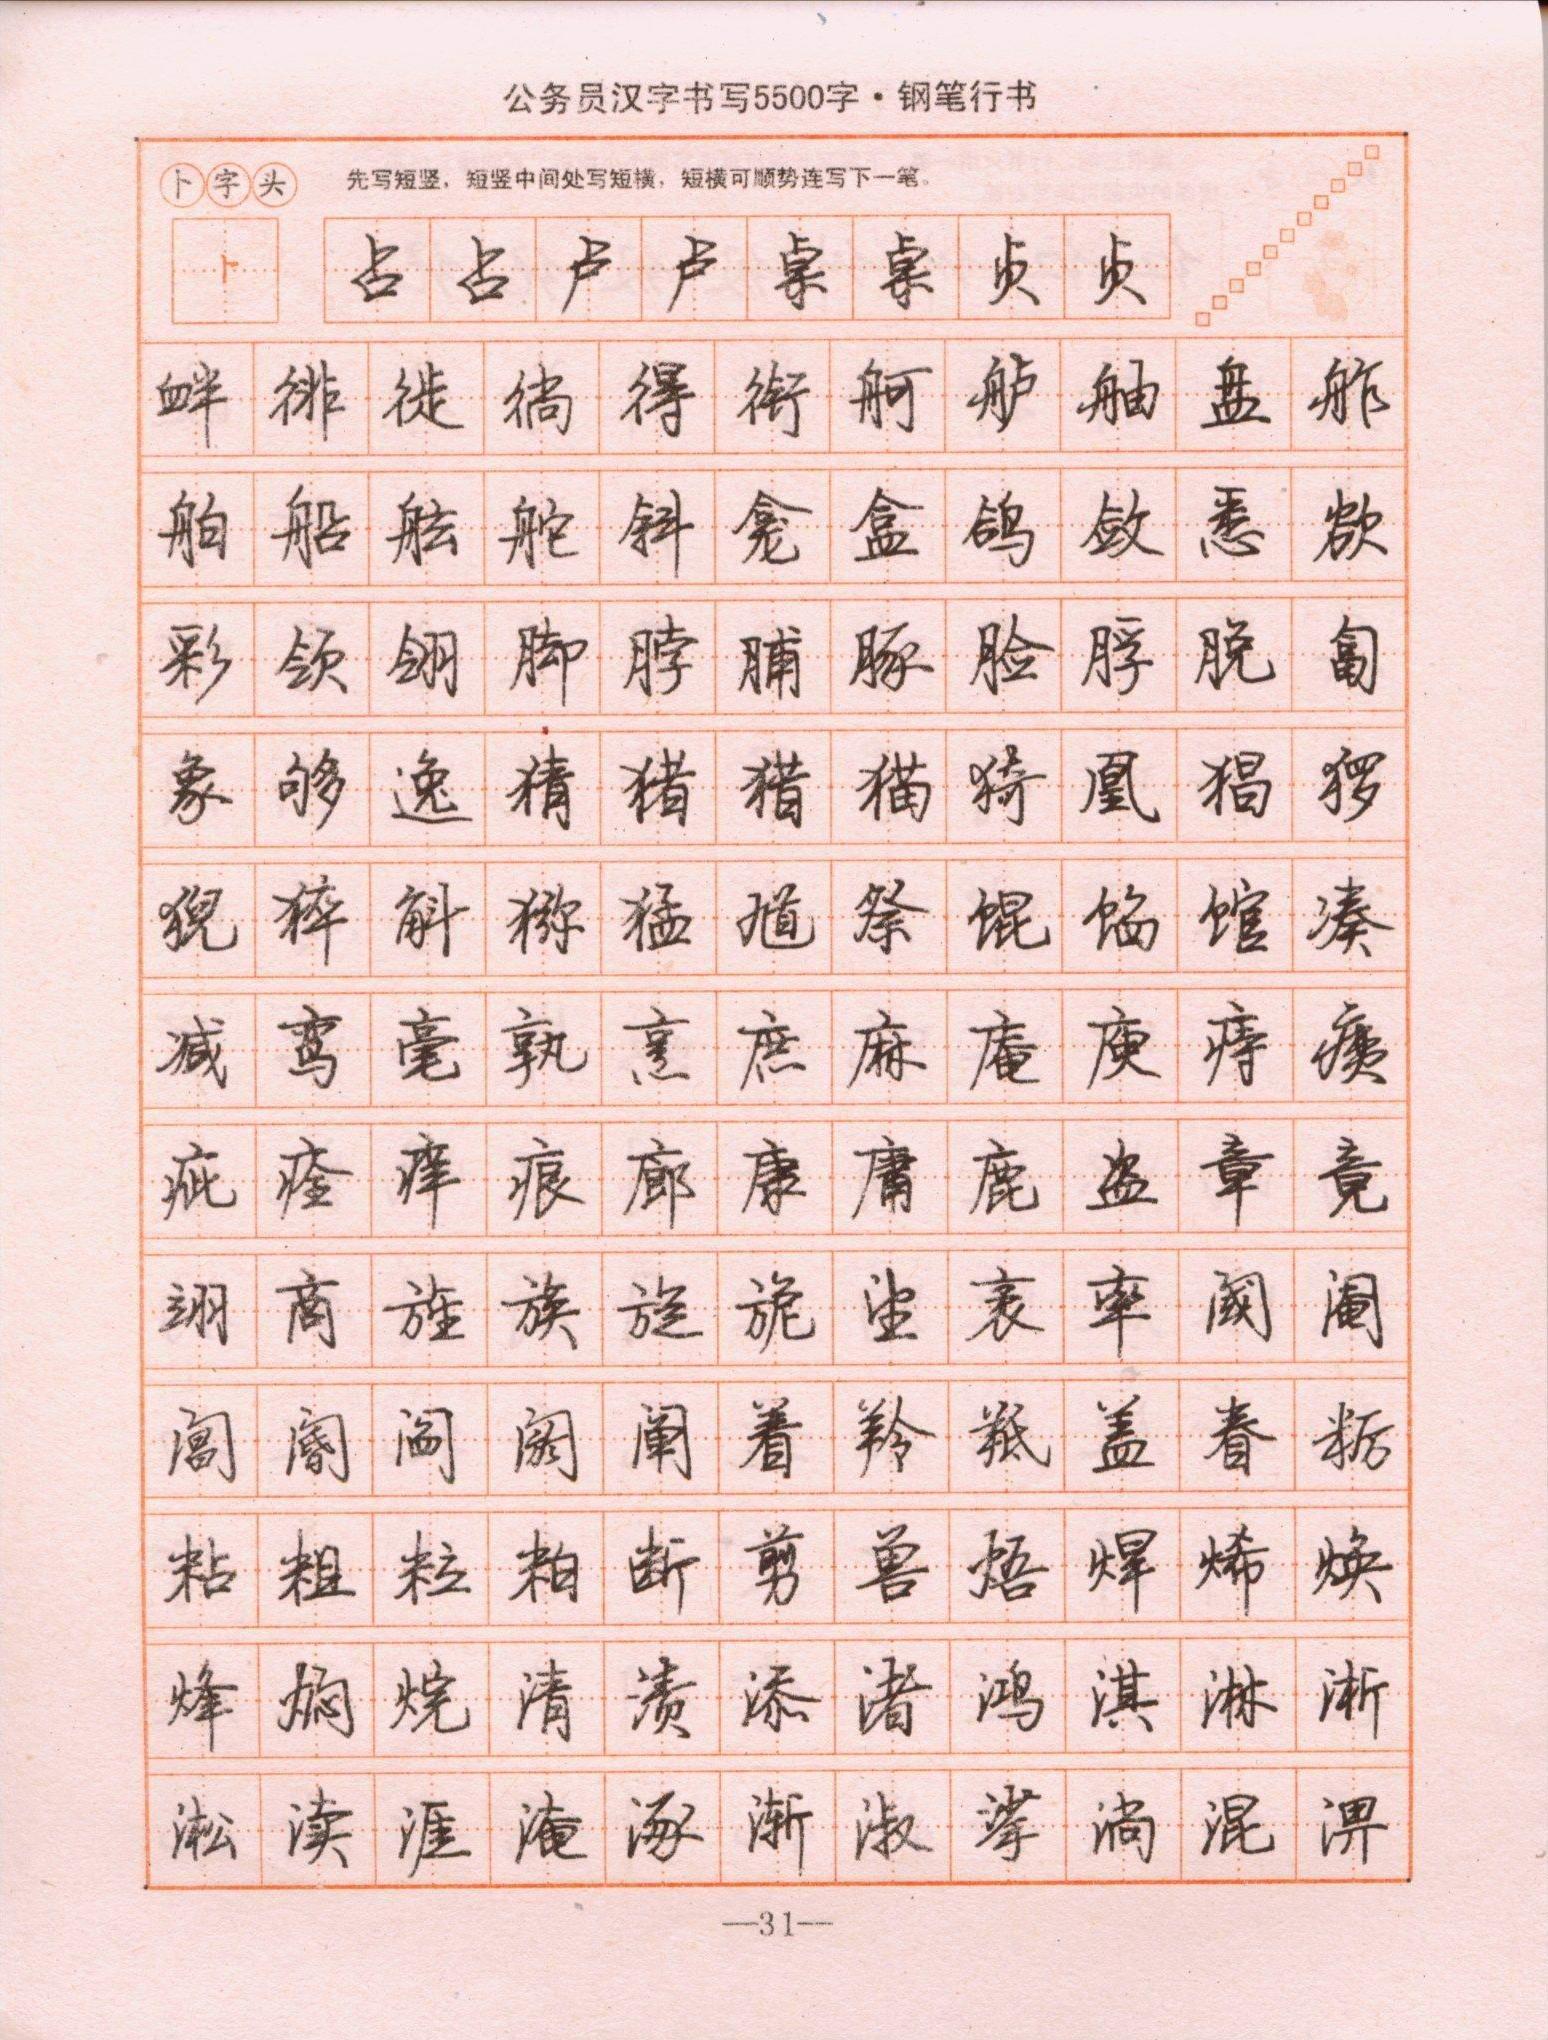 德彪钢笔行书: 行书钢笔 书法作品:王羲之 行书钢笔 字帖(1548x图片